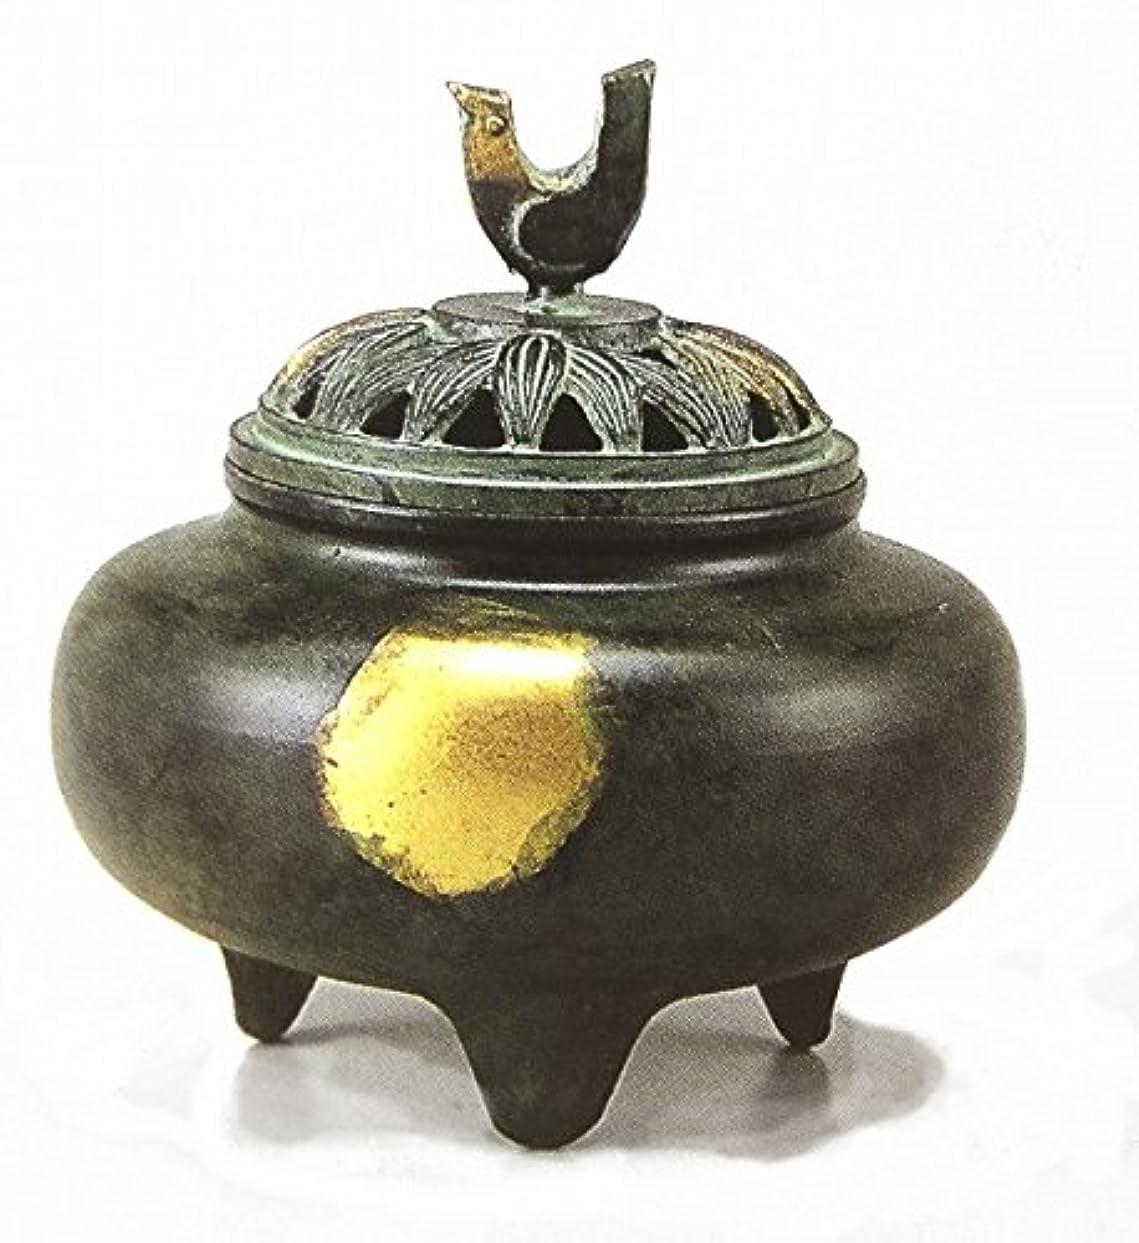 ポータブル建築家とげ『珠玉型香炉』銅製